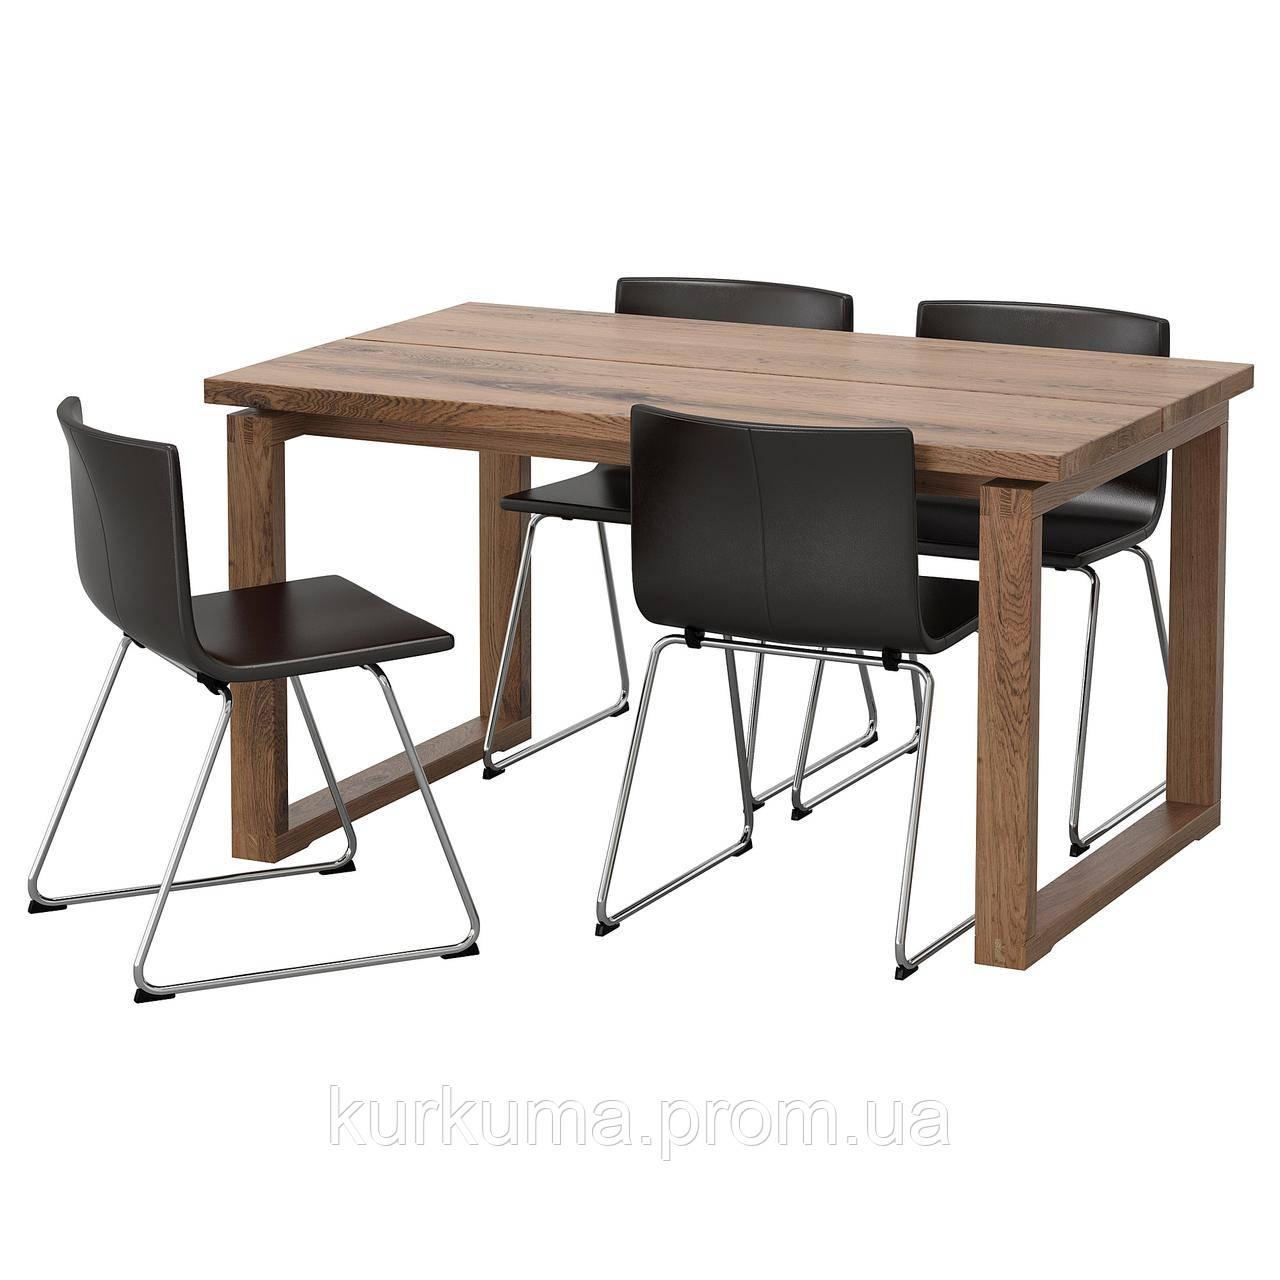 IKEA MORBYLANGA/BERNHARD Стол и 4 стула, коричневый, мжук темно-коричневый  (092.460.88)